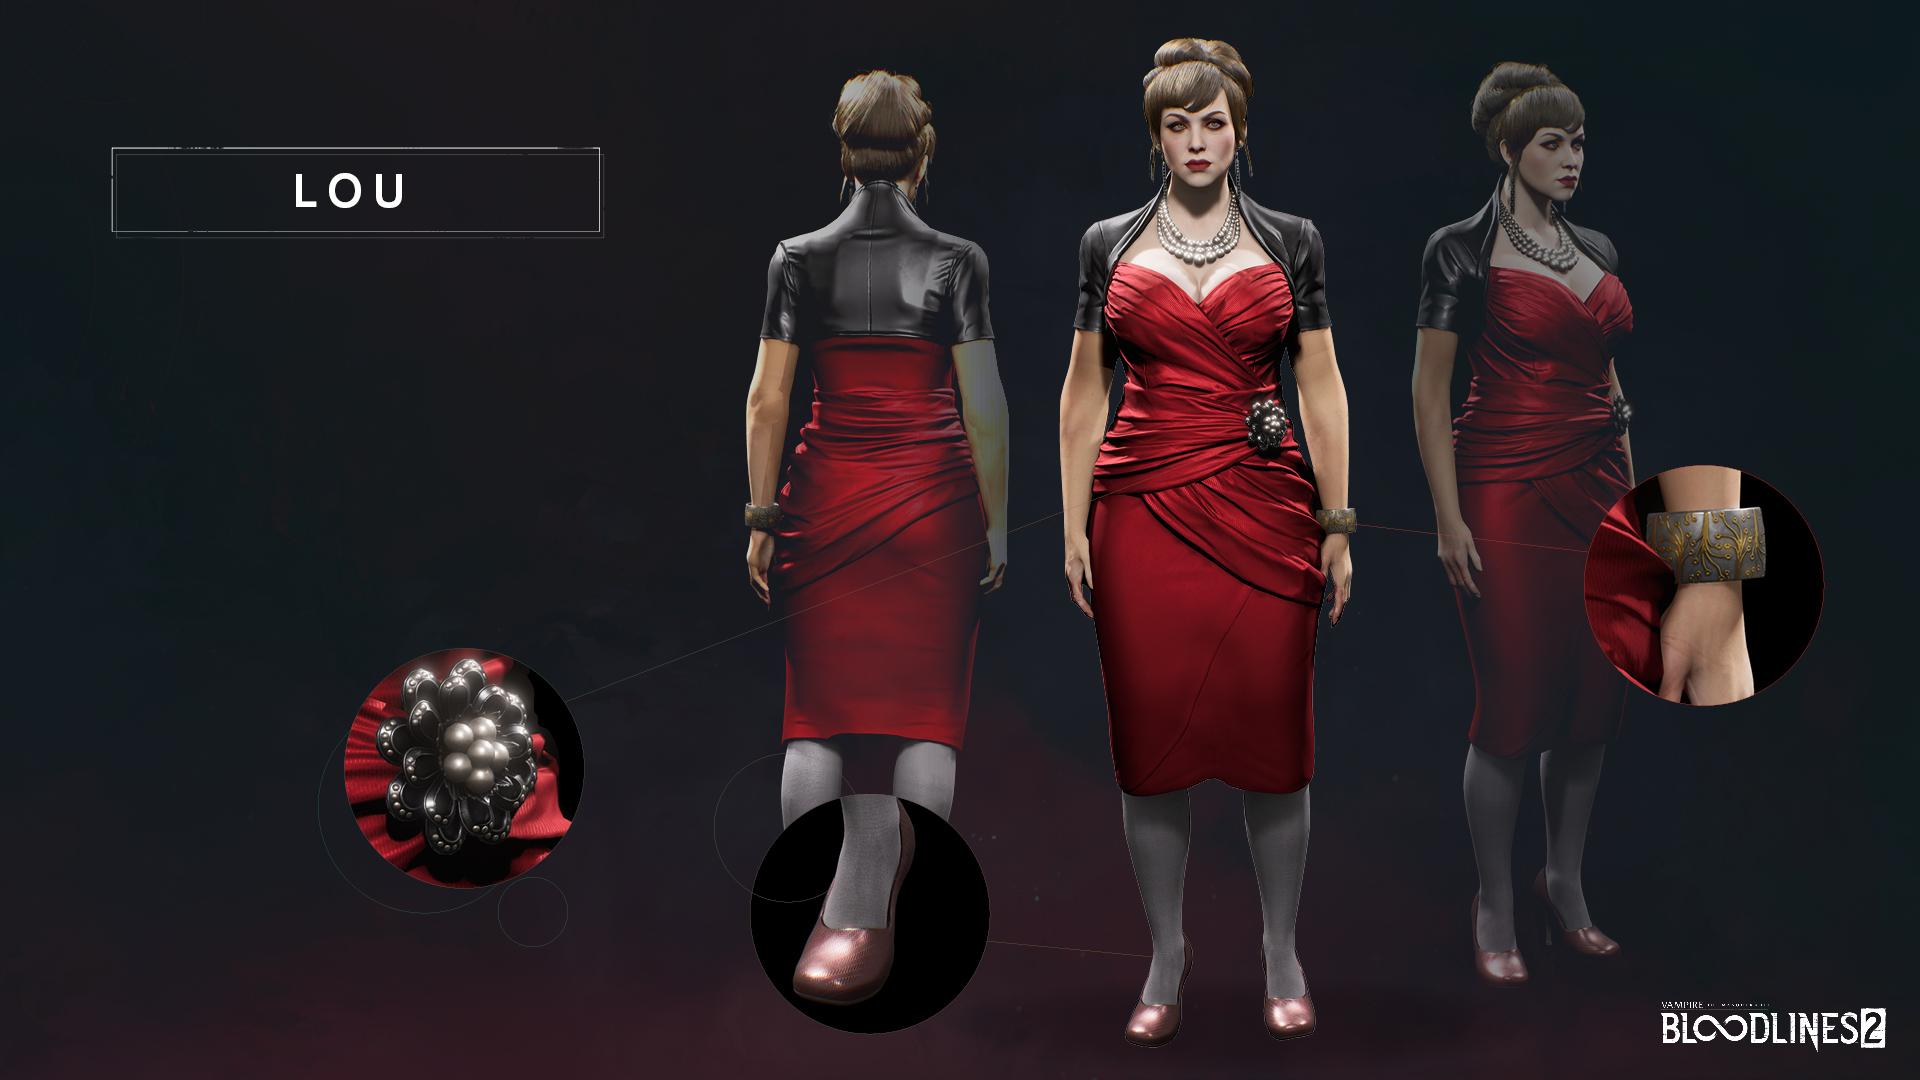 vtm-bloodlines2-cosplay-guide-v01-5510-d